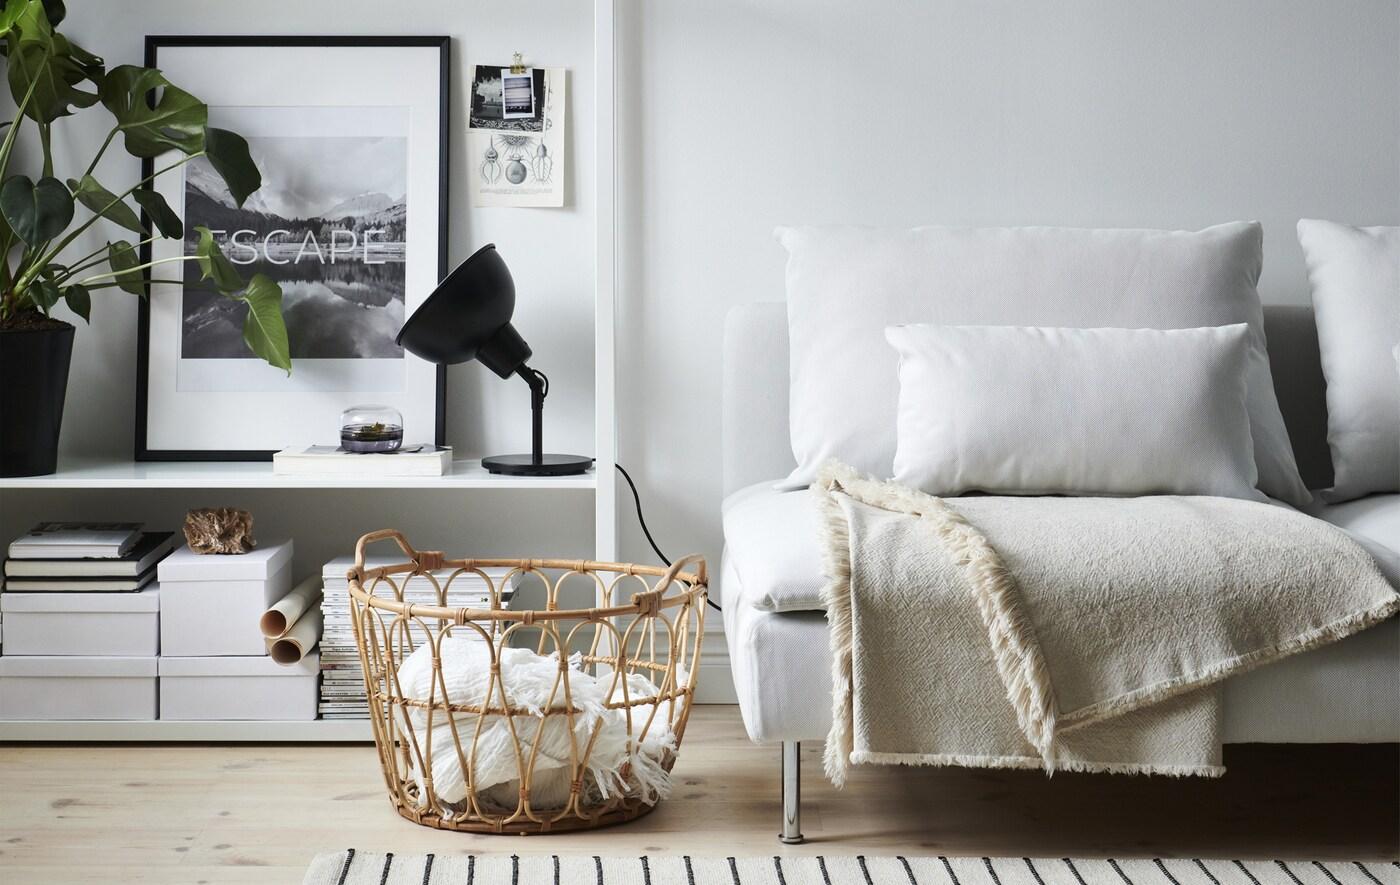 Dnevna soba s bijelom sofom, crnom lampom, otvorenim regalom i košarom punom laganih deka.